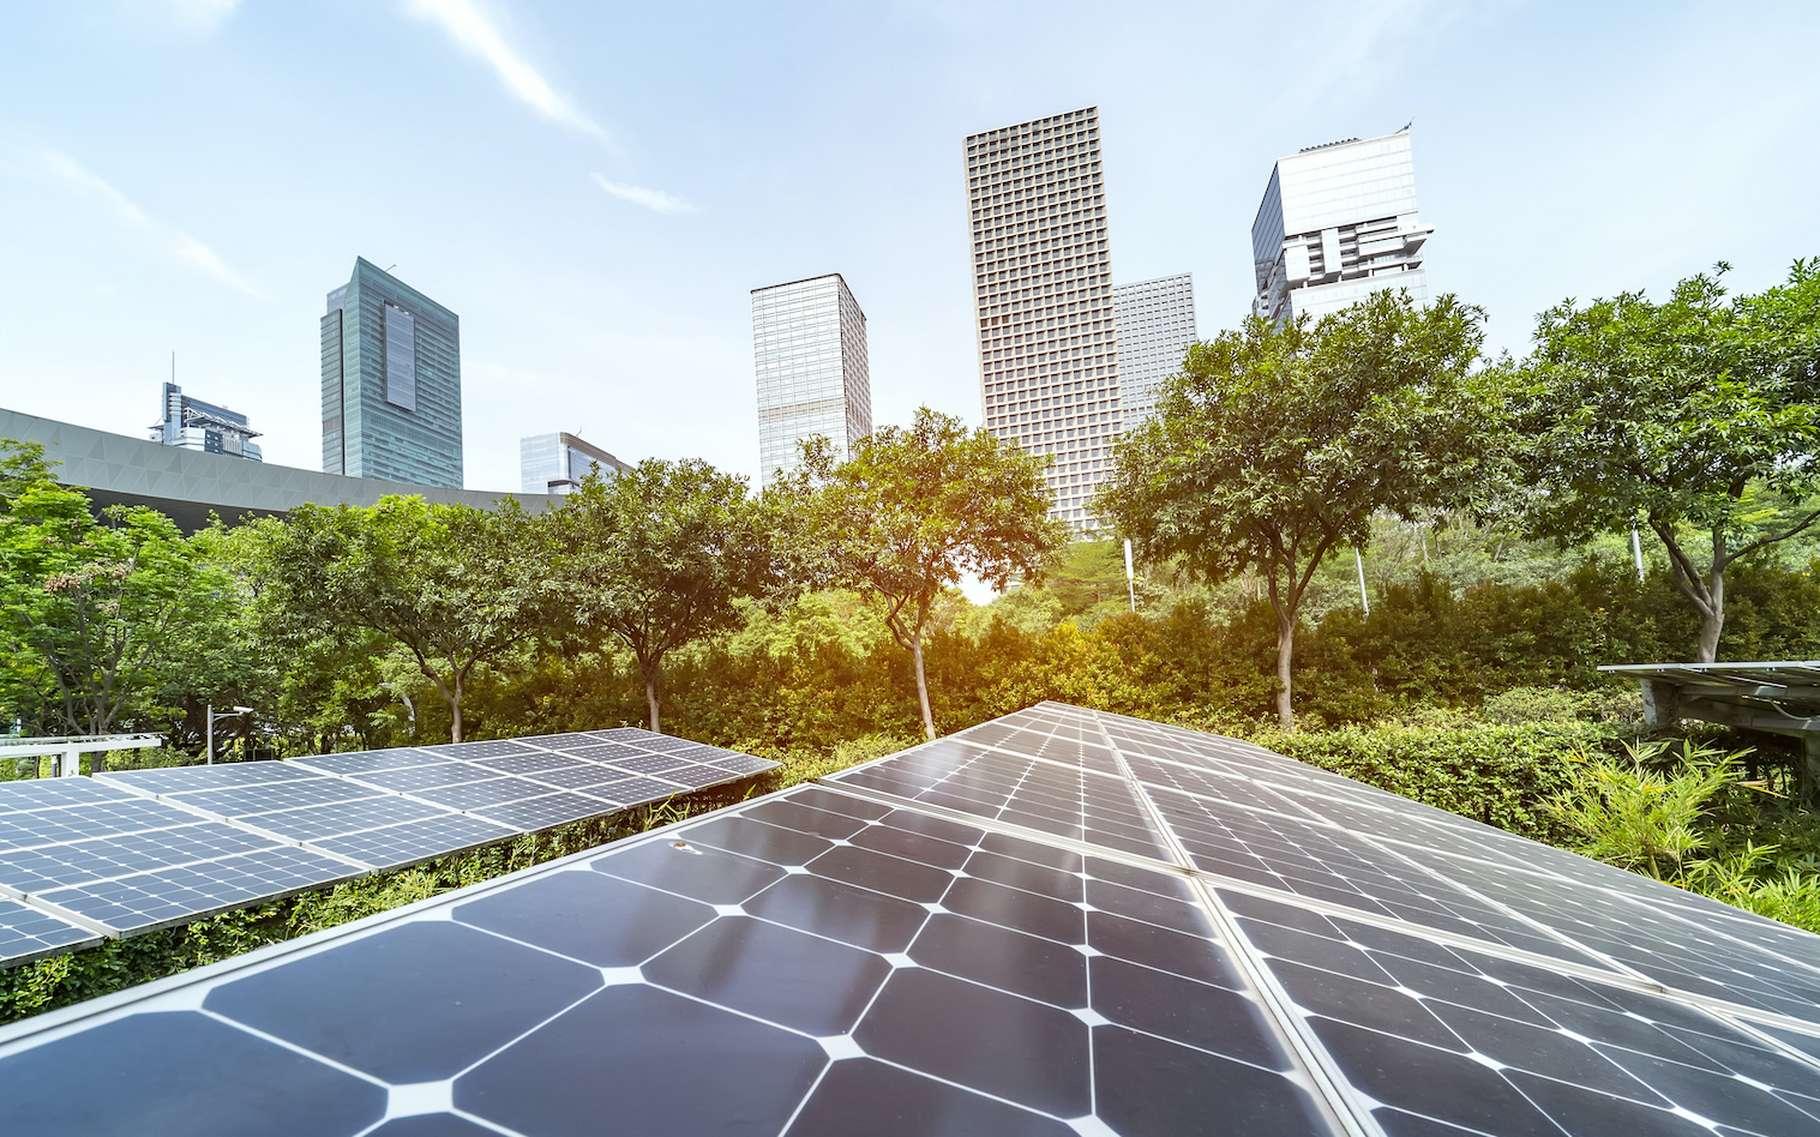 En plus de s'appuyer sur des énergies renouvelables, les villes du futur devront être économes en énergie. © xiaoliangge, Adobe Stock